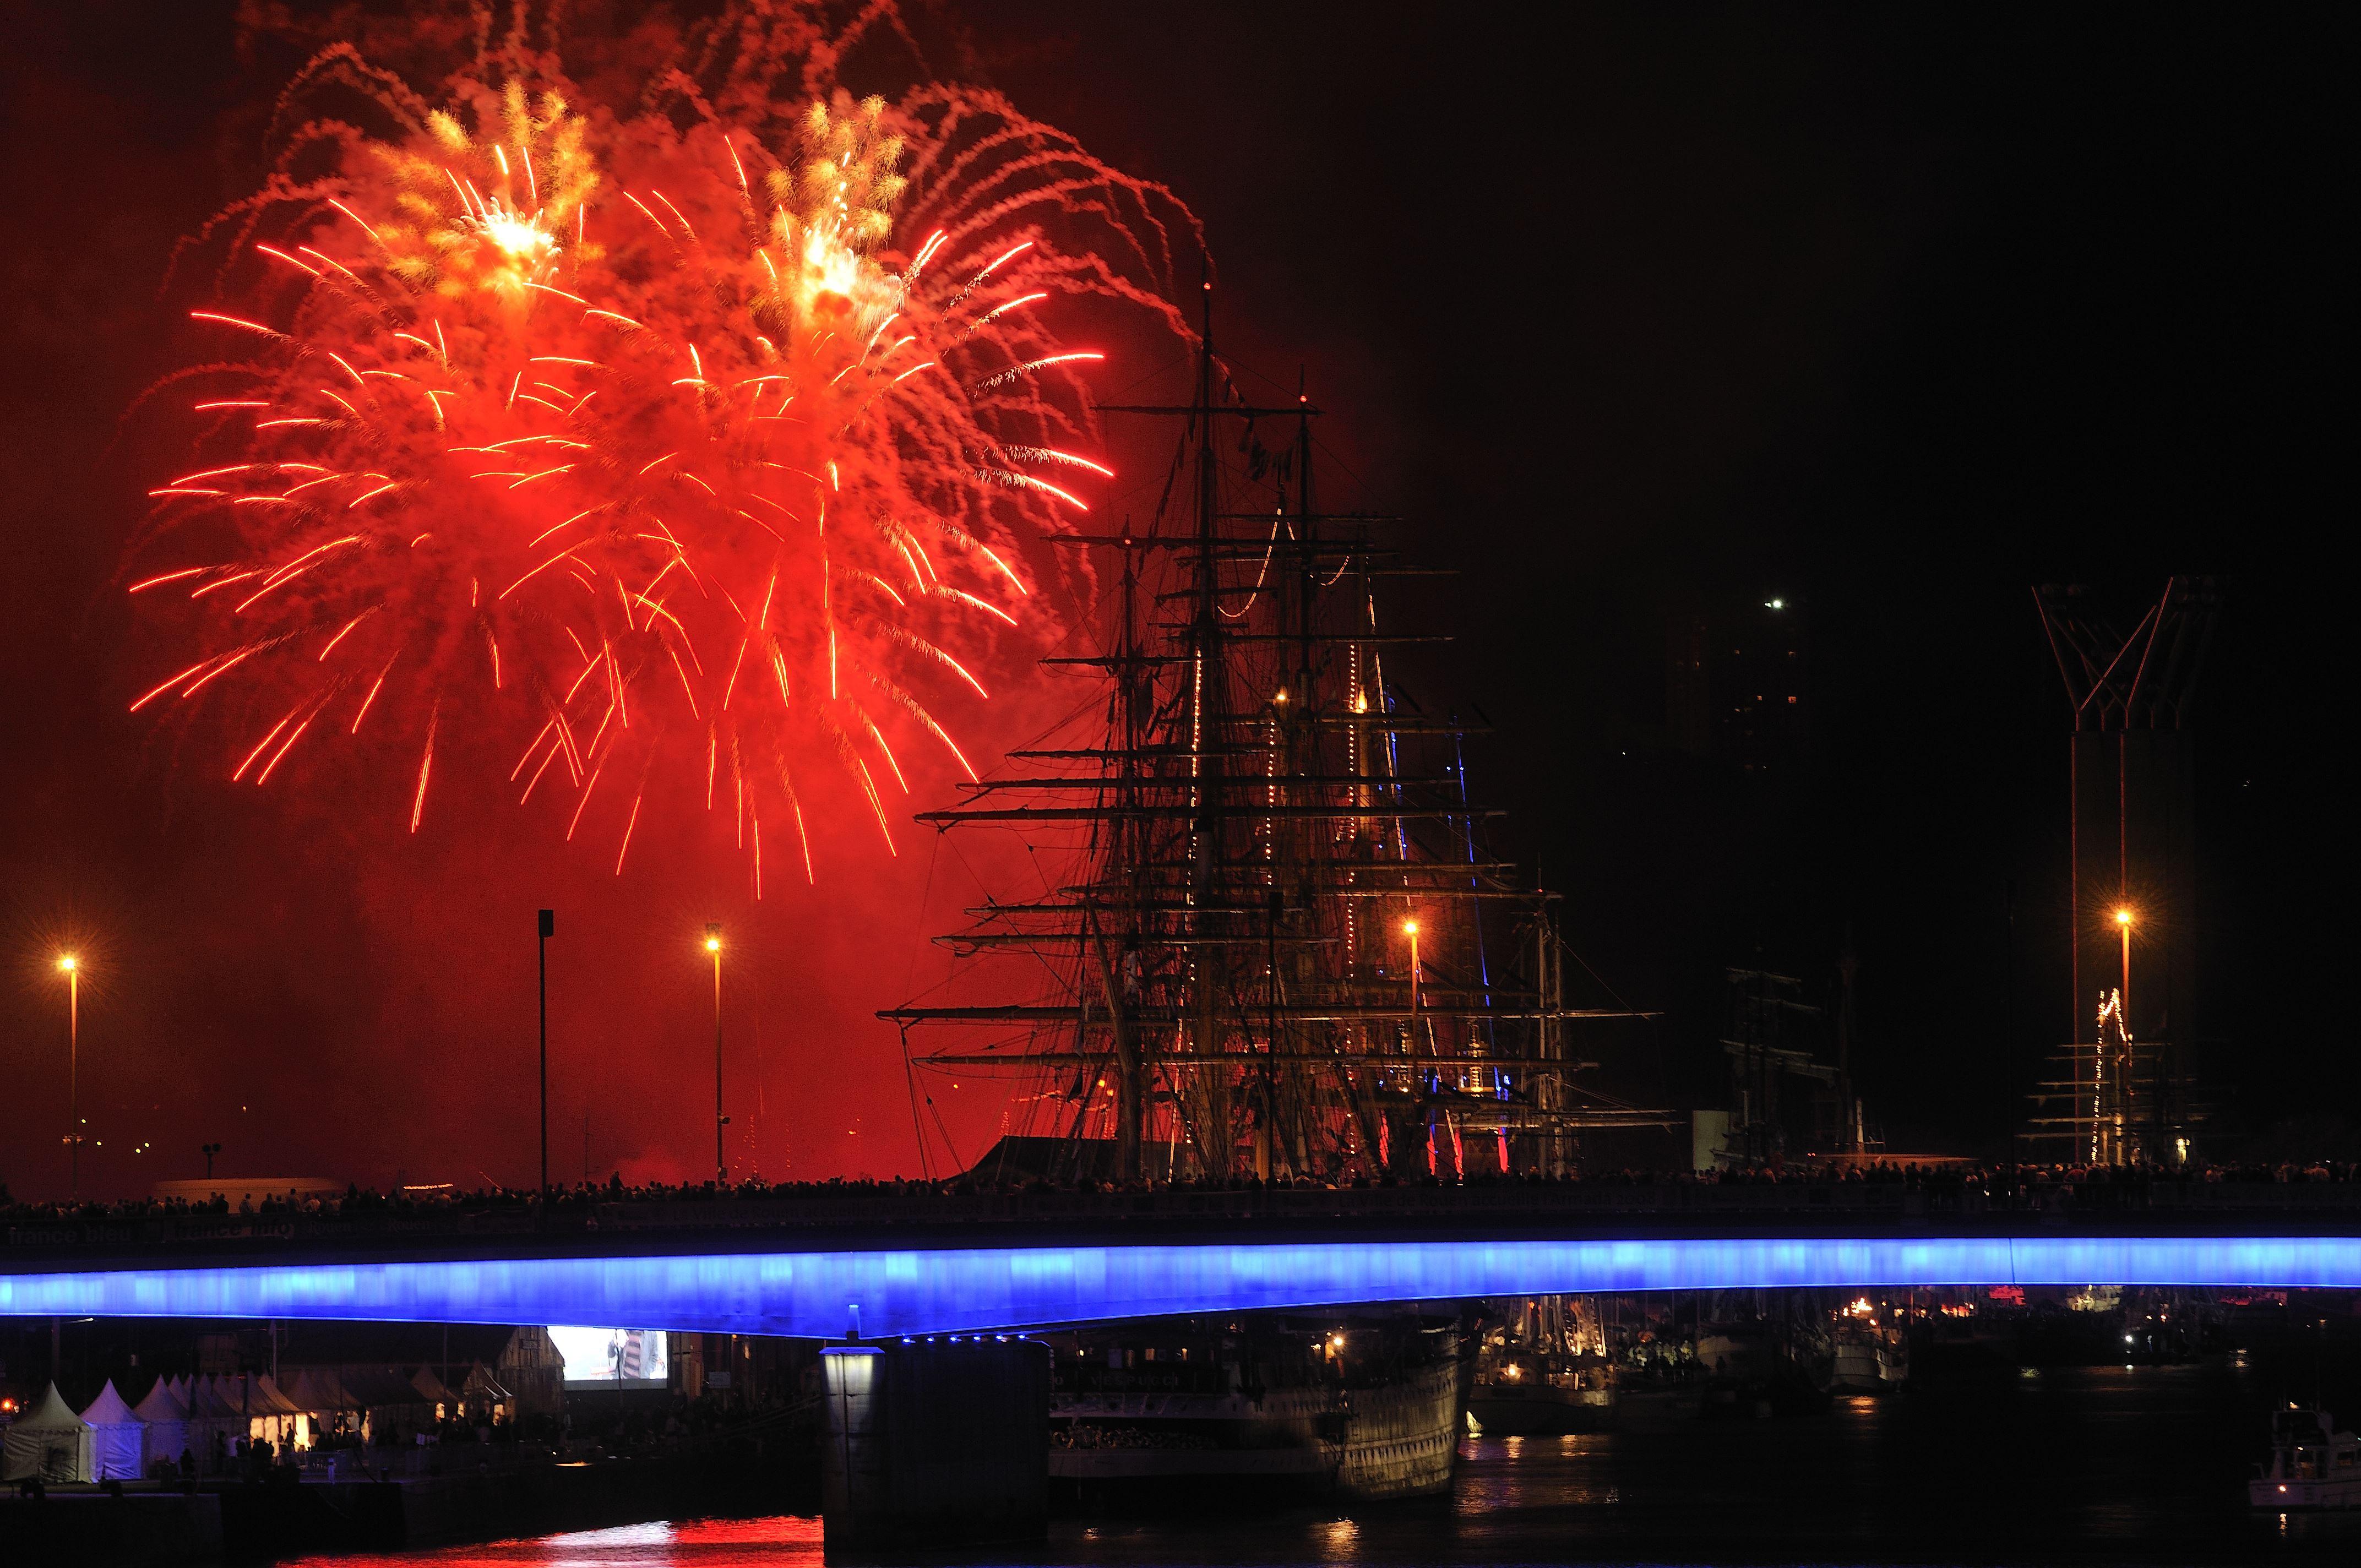 Croisière feu d'artifice à bord de La Lutèce, jeudi 06 juin 2019